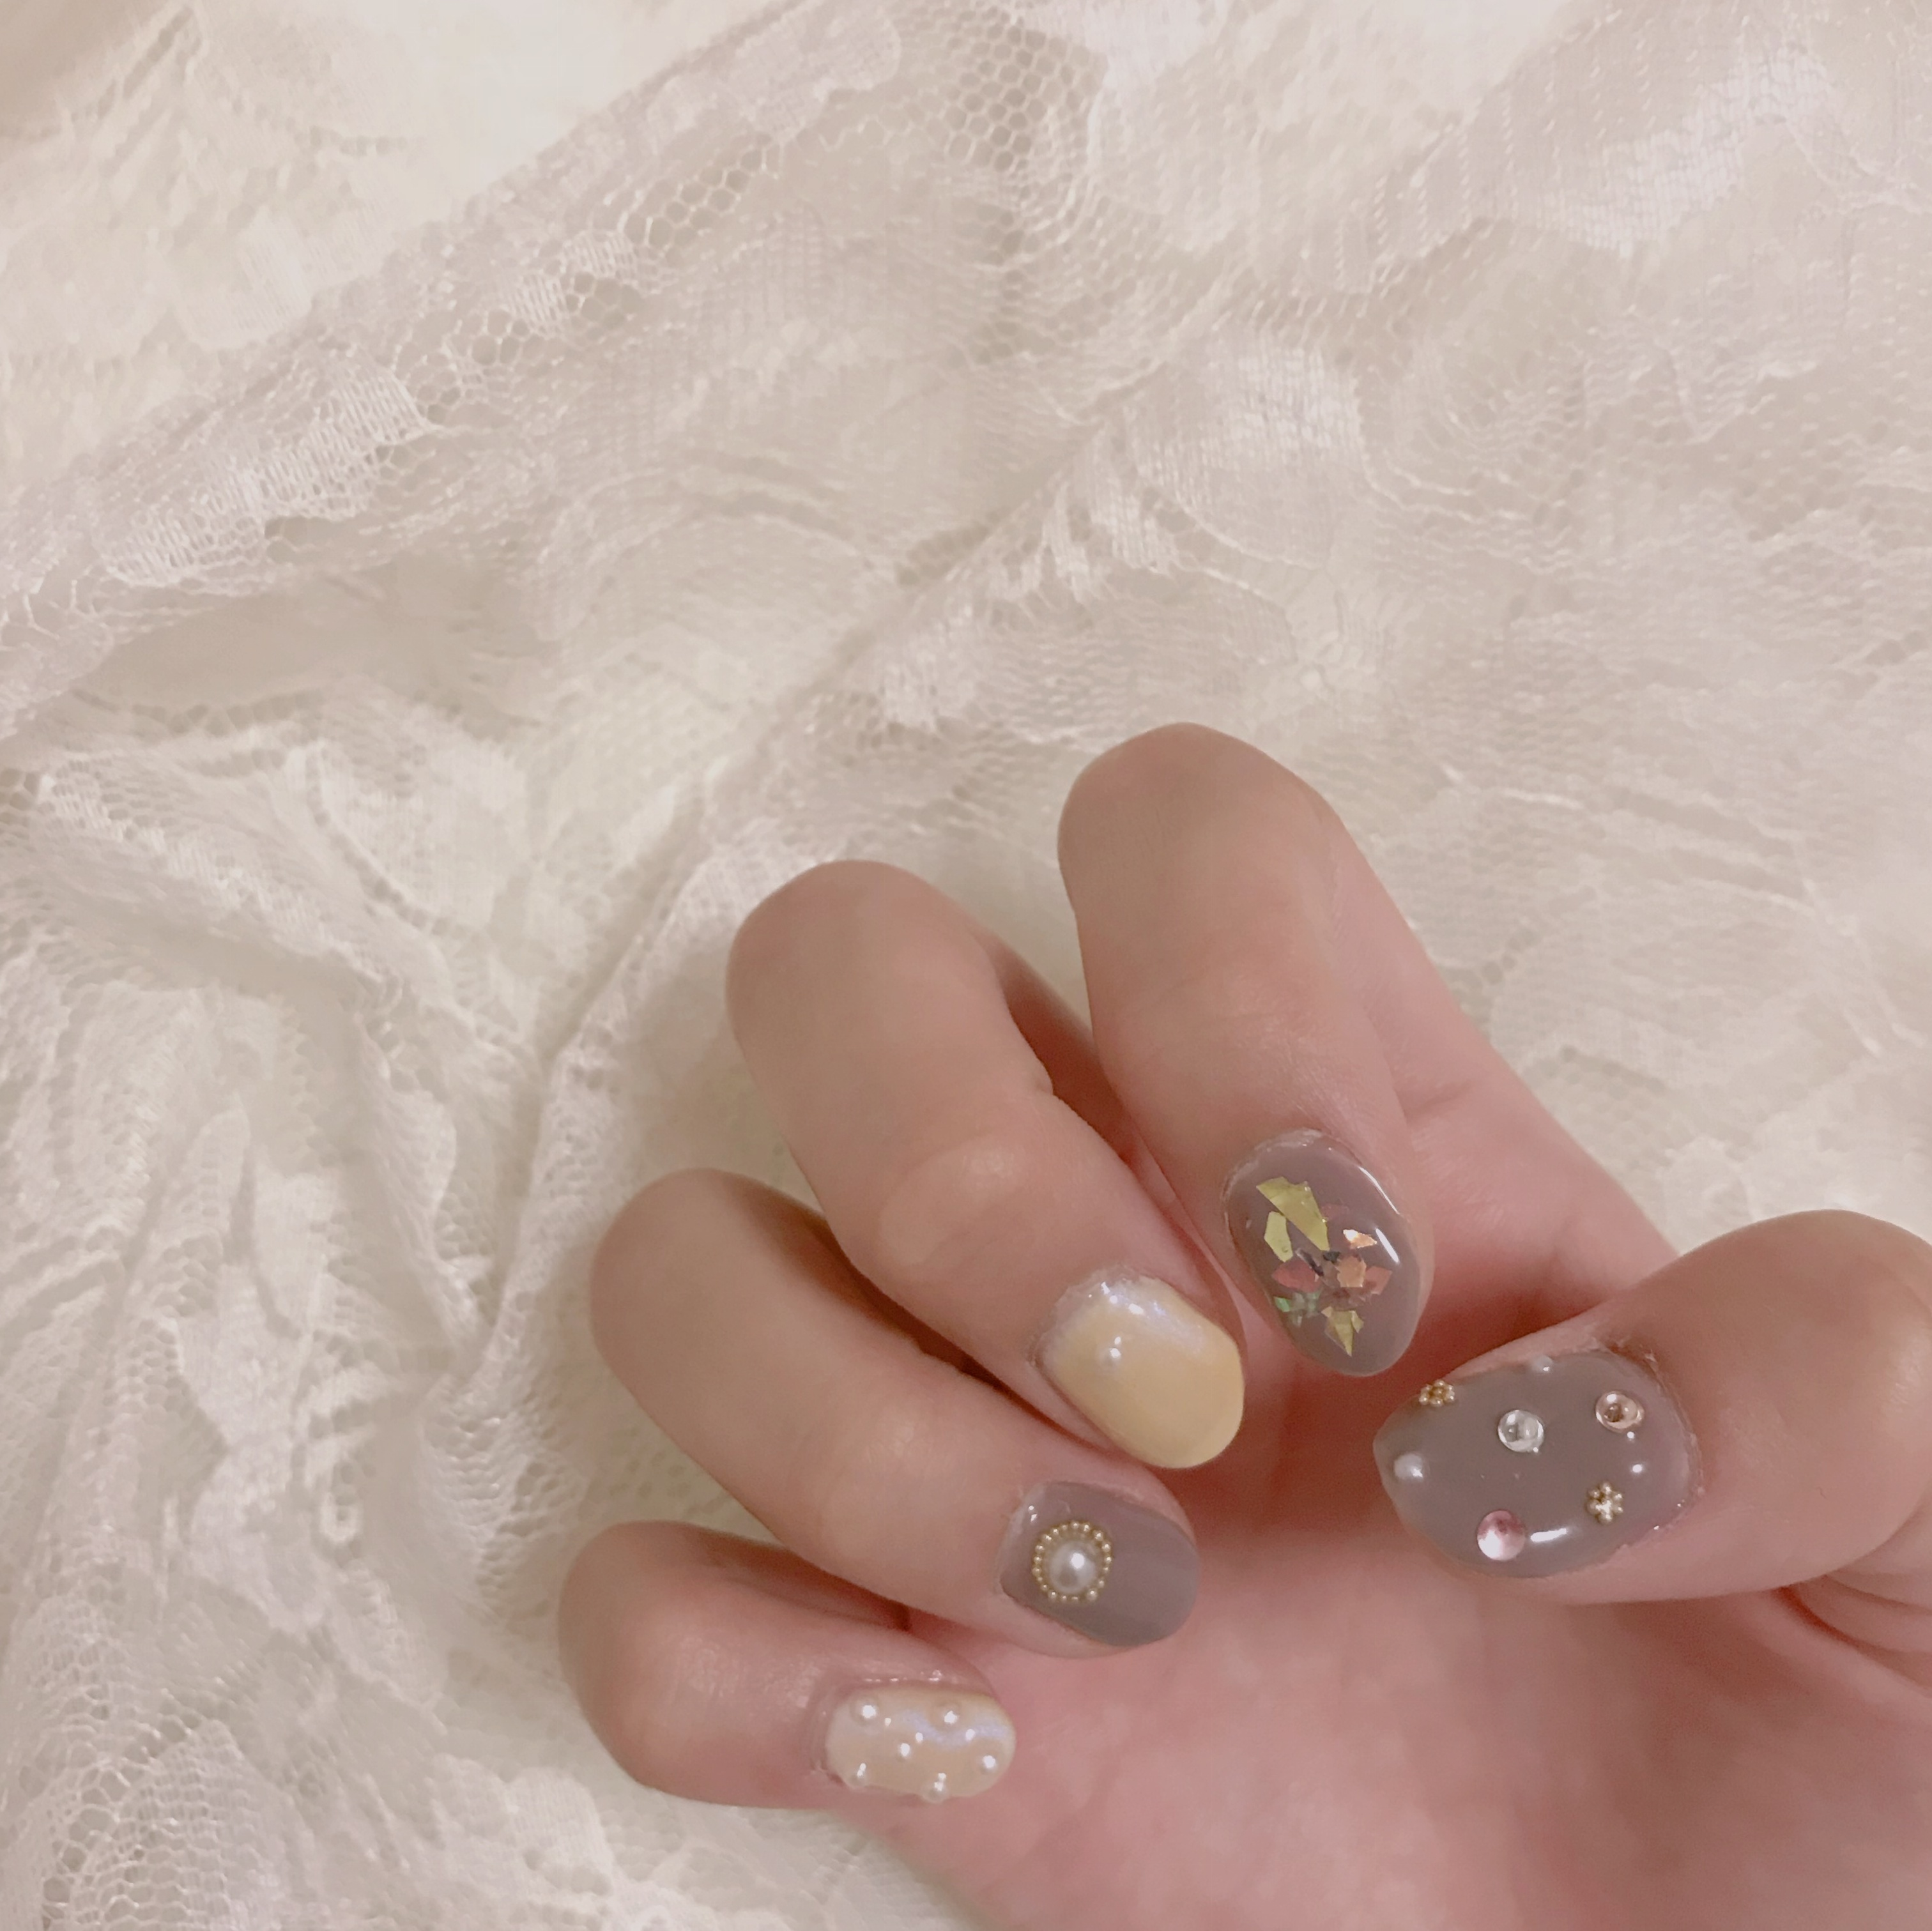 【週末ネイル】今年のトレンドカラーを使った可愛いネイルを紹介❤︎_1